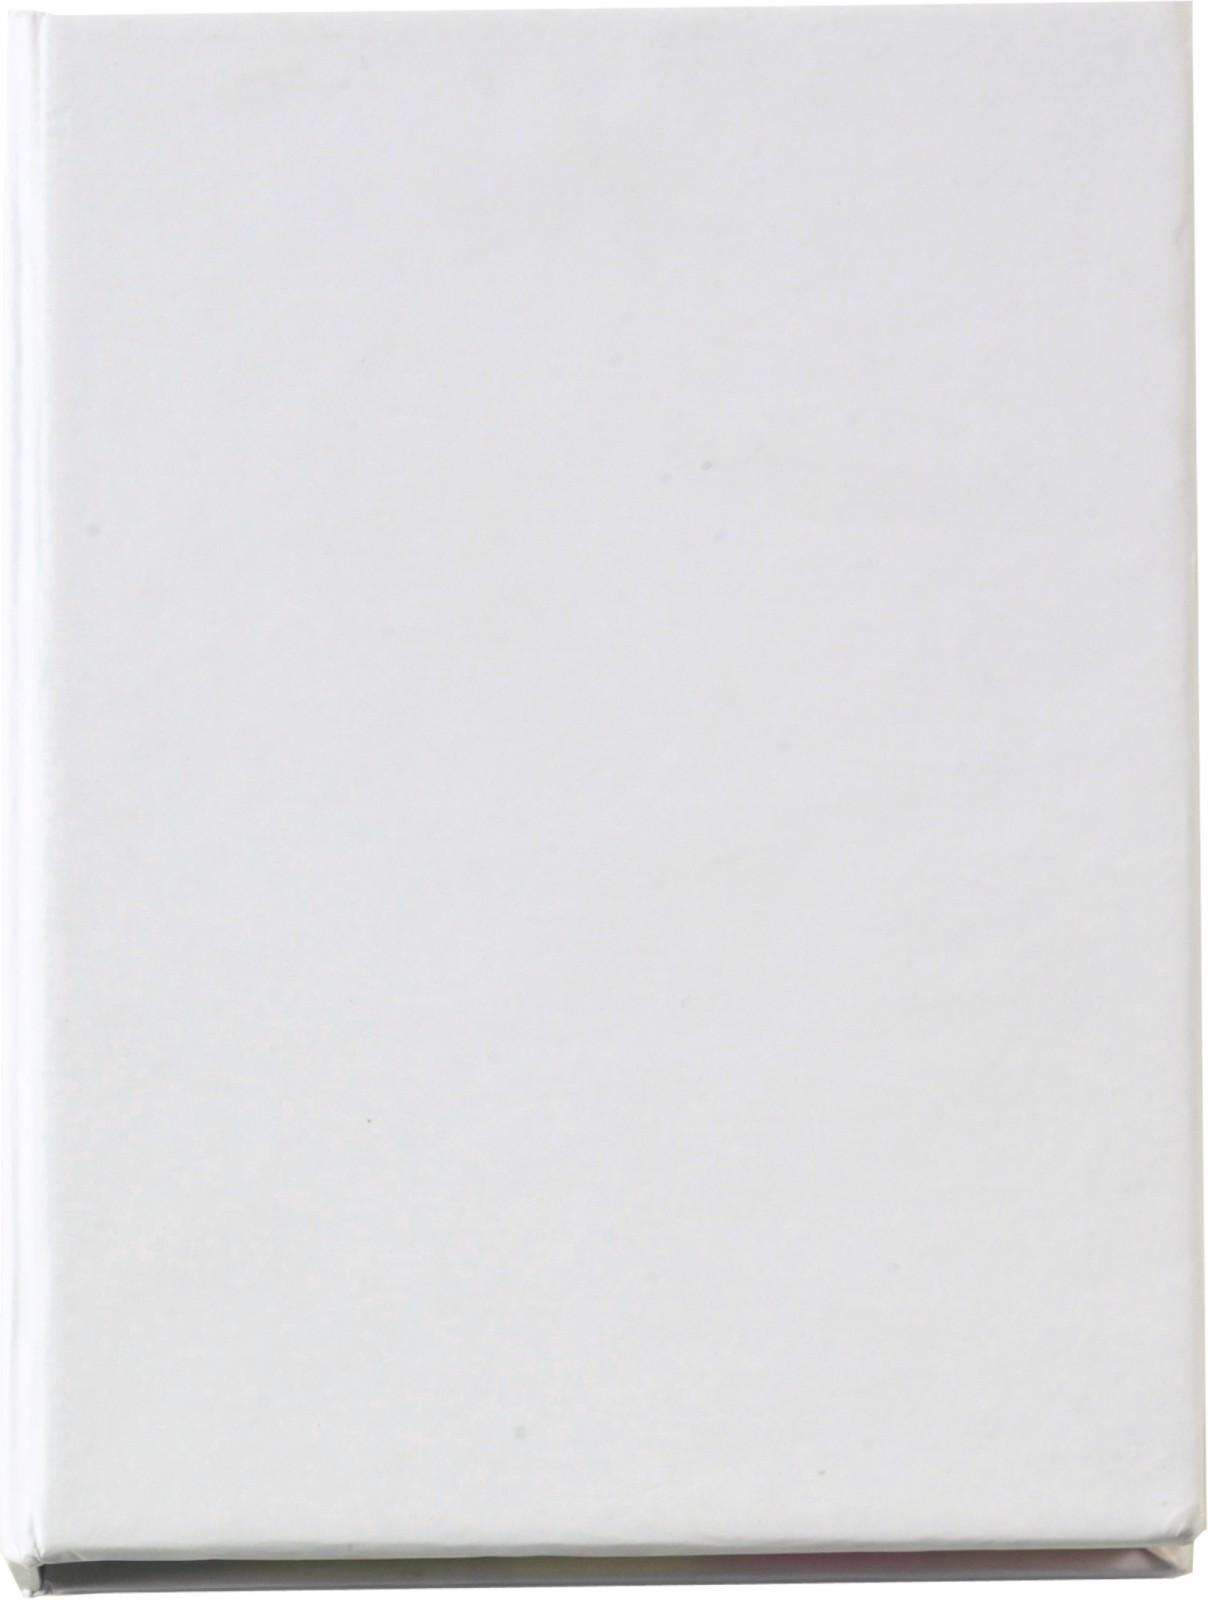 Soporte de cartón con memos - White